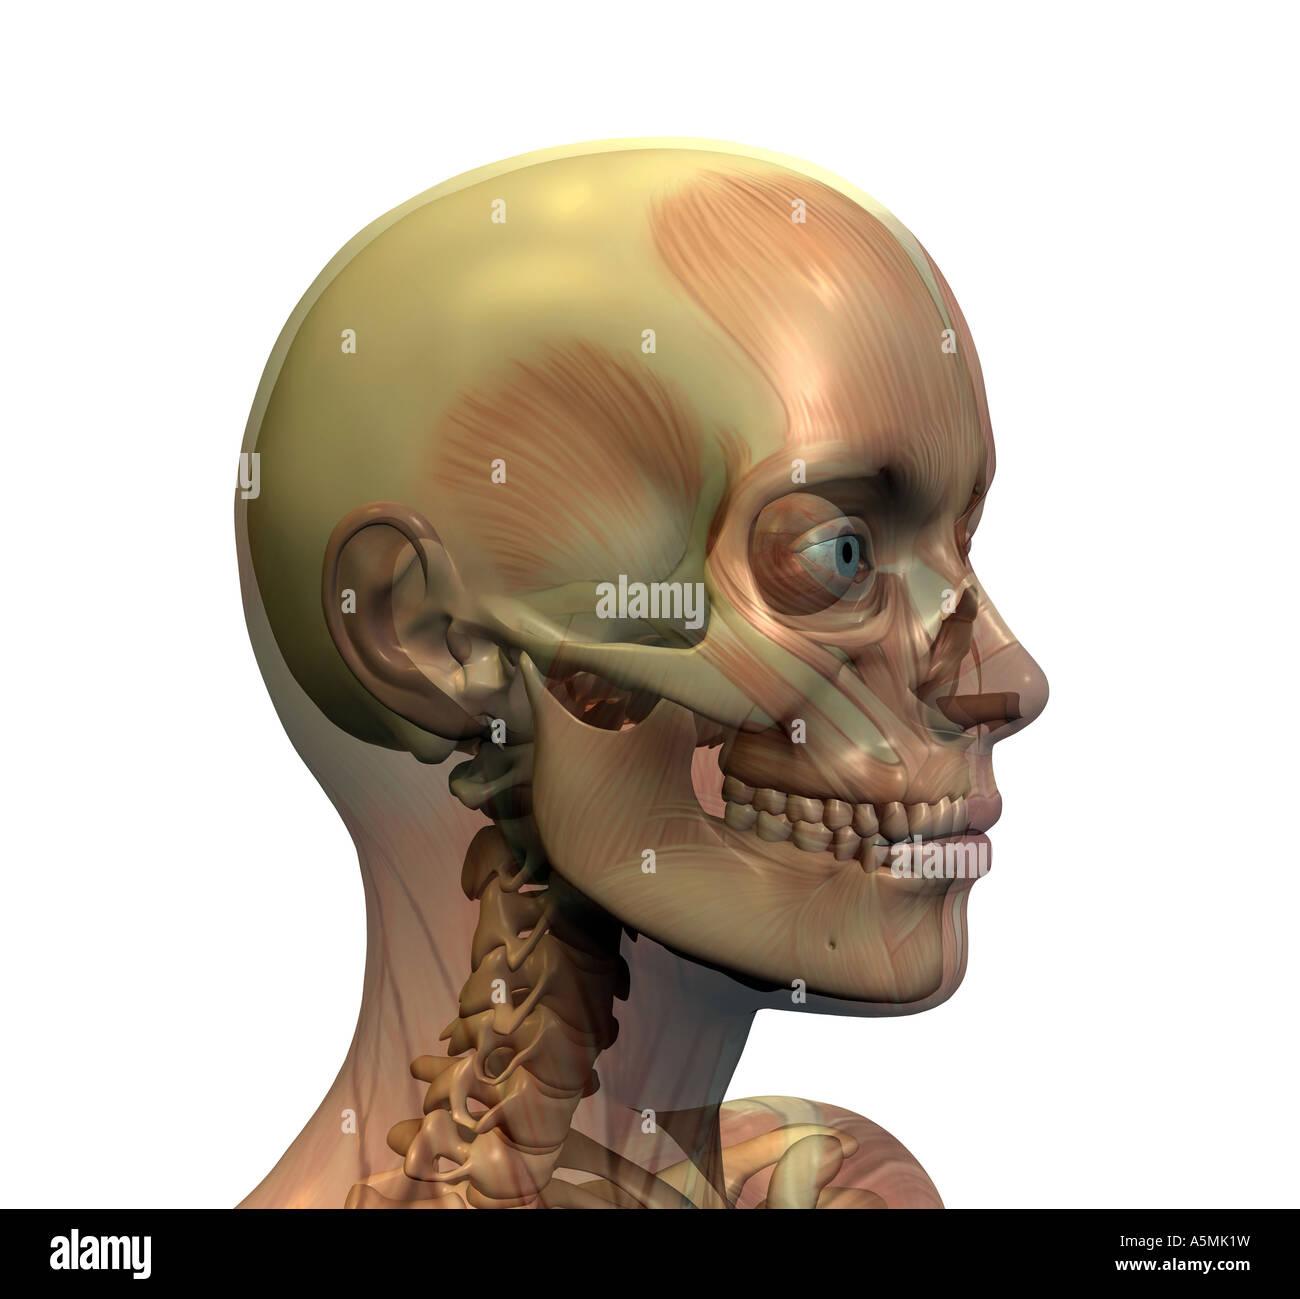 Anatomie Kopf anatomy head Stock Photo: 11346180 - Alamy